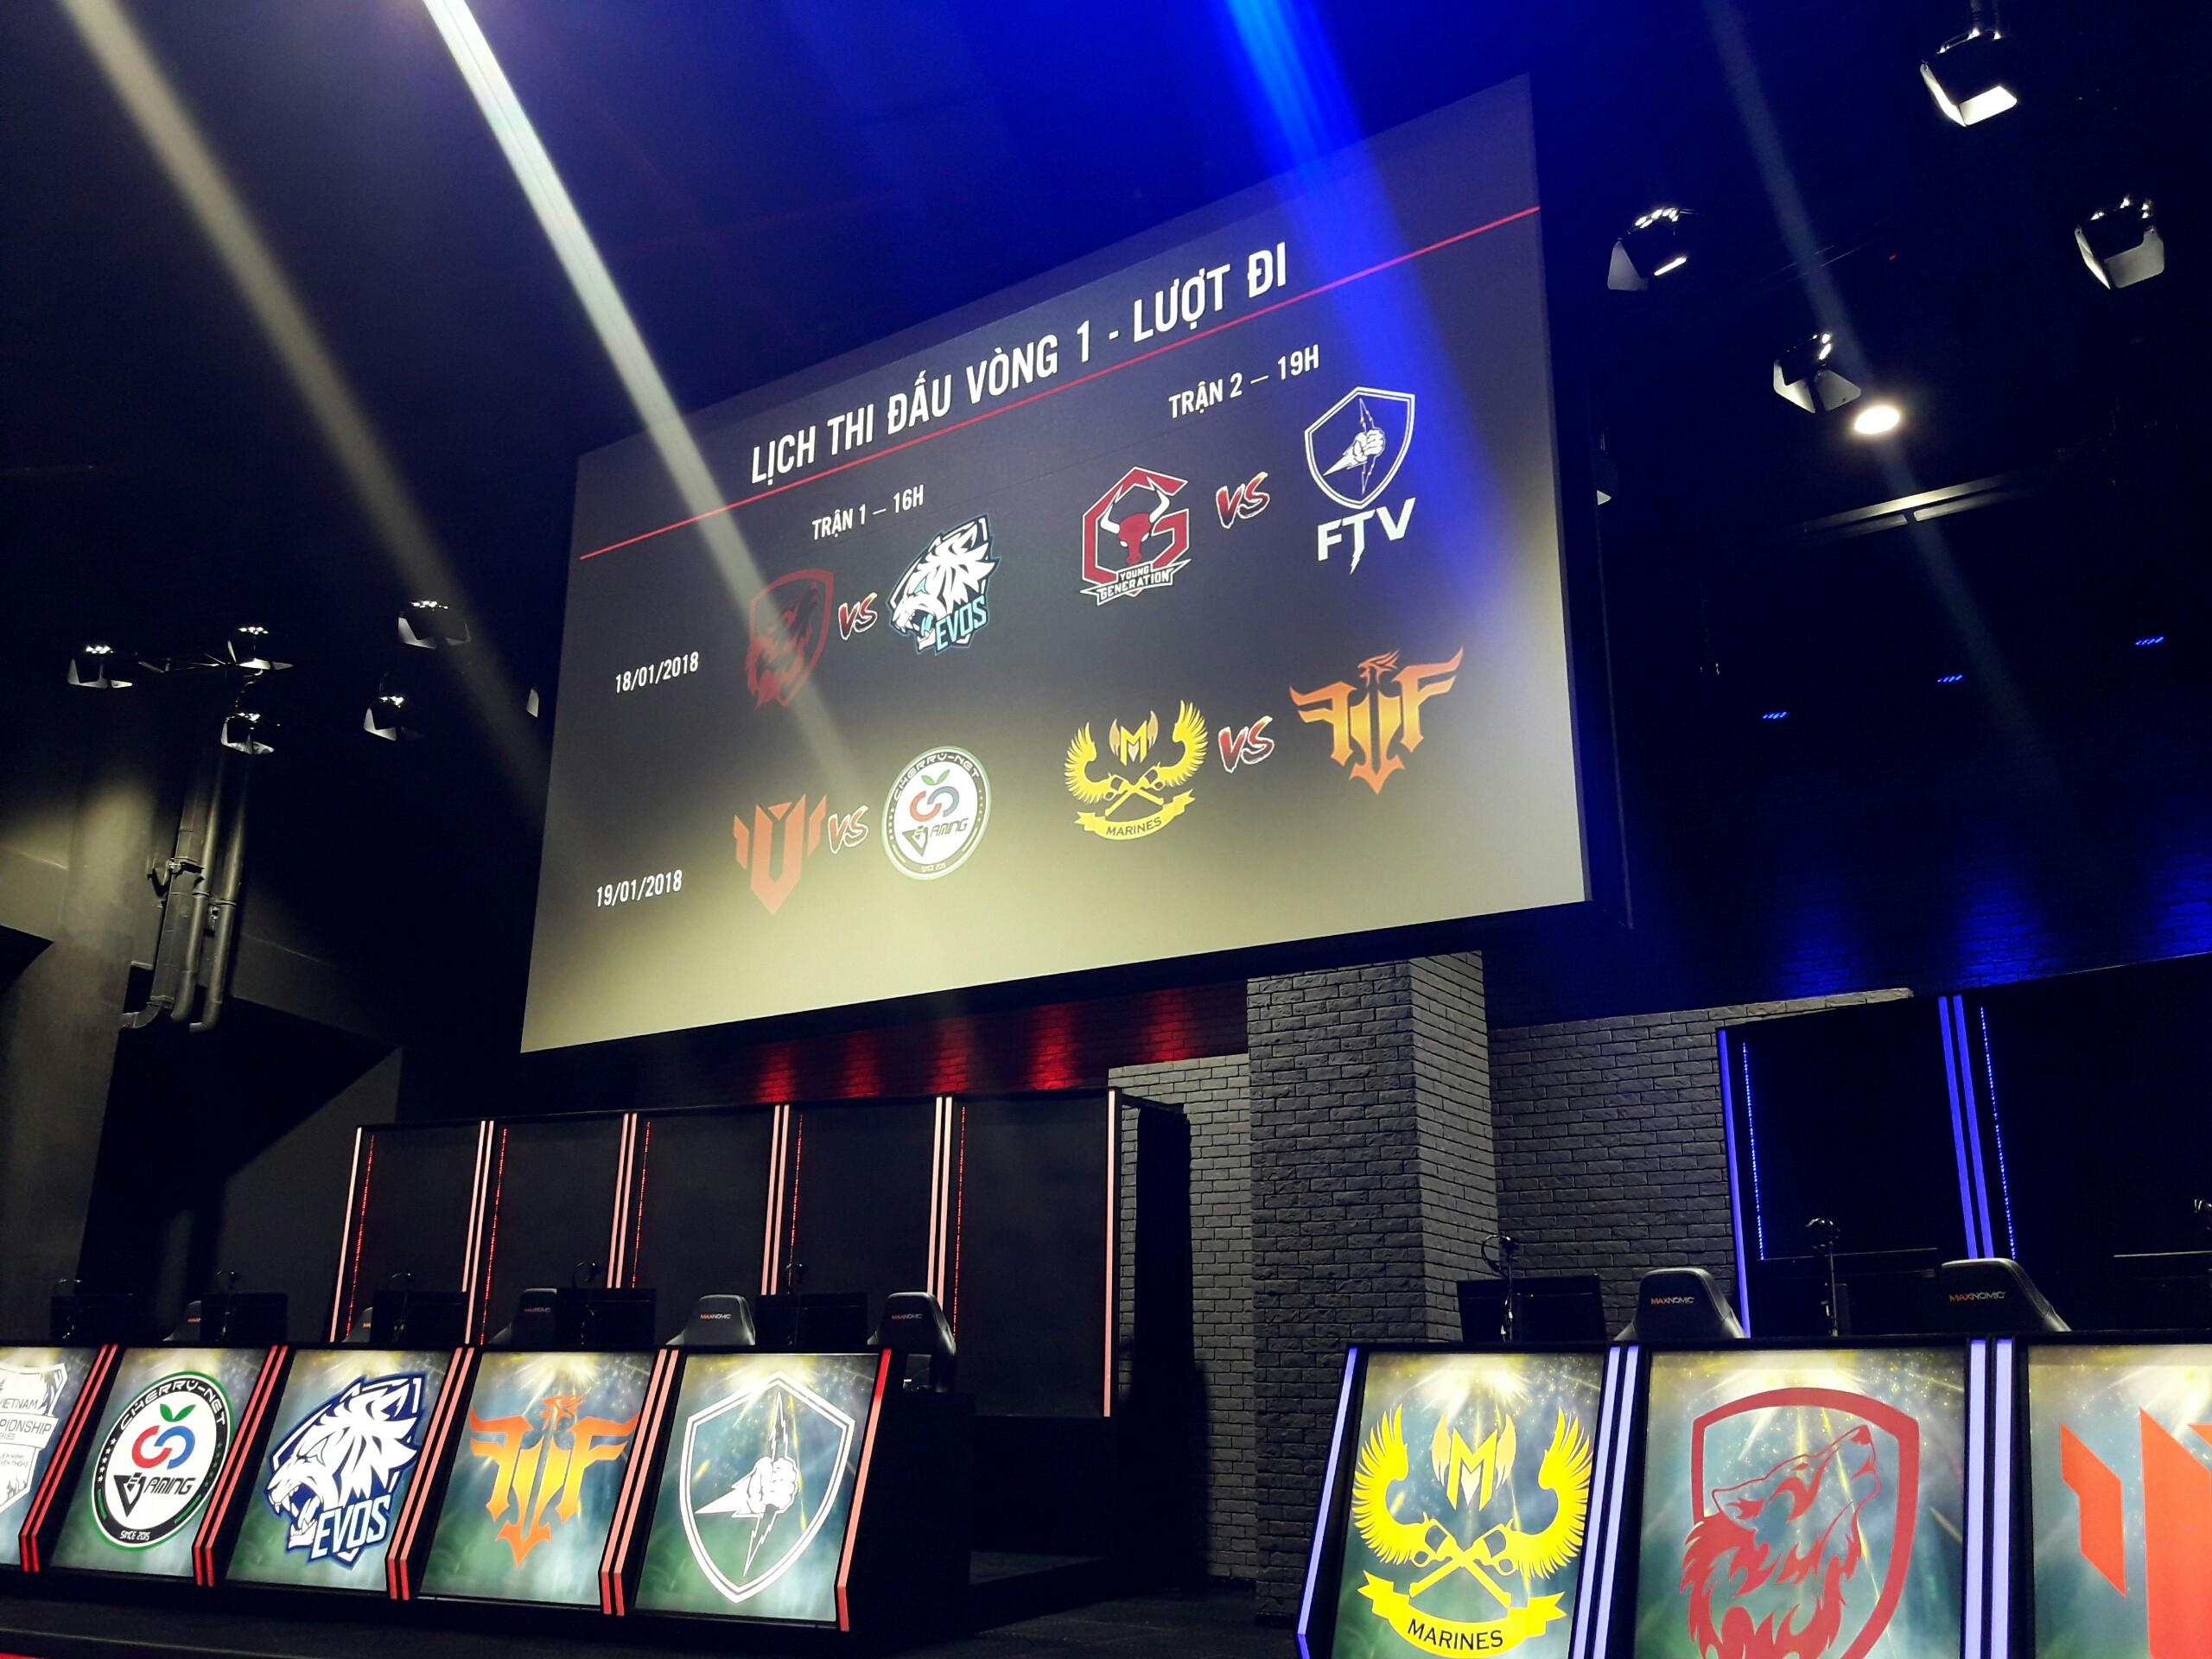 LMHT: Thông tin và hình ảnh vé VCS Mùa Xuân 2018 khi lần đầu tiên vòng bảng VCS được tổ chức offline tại sân khấu